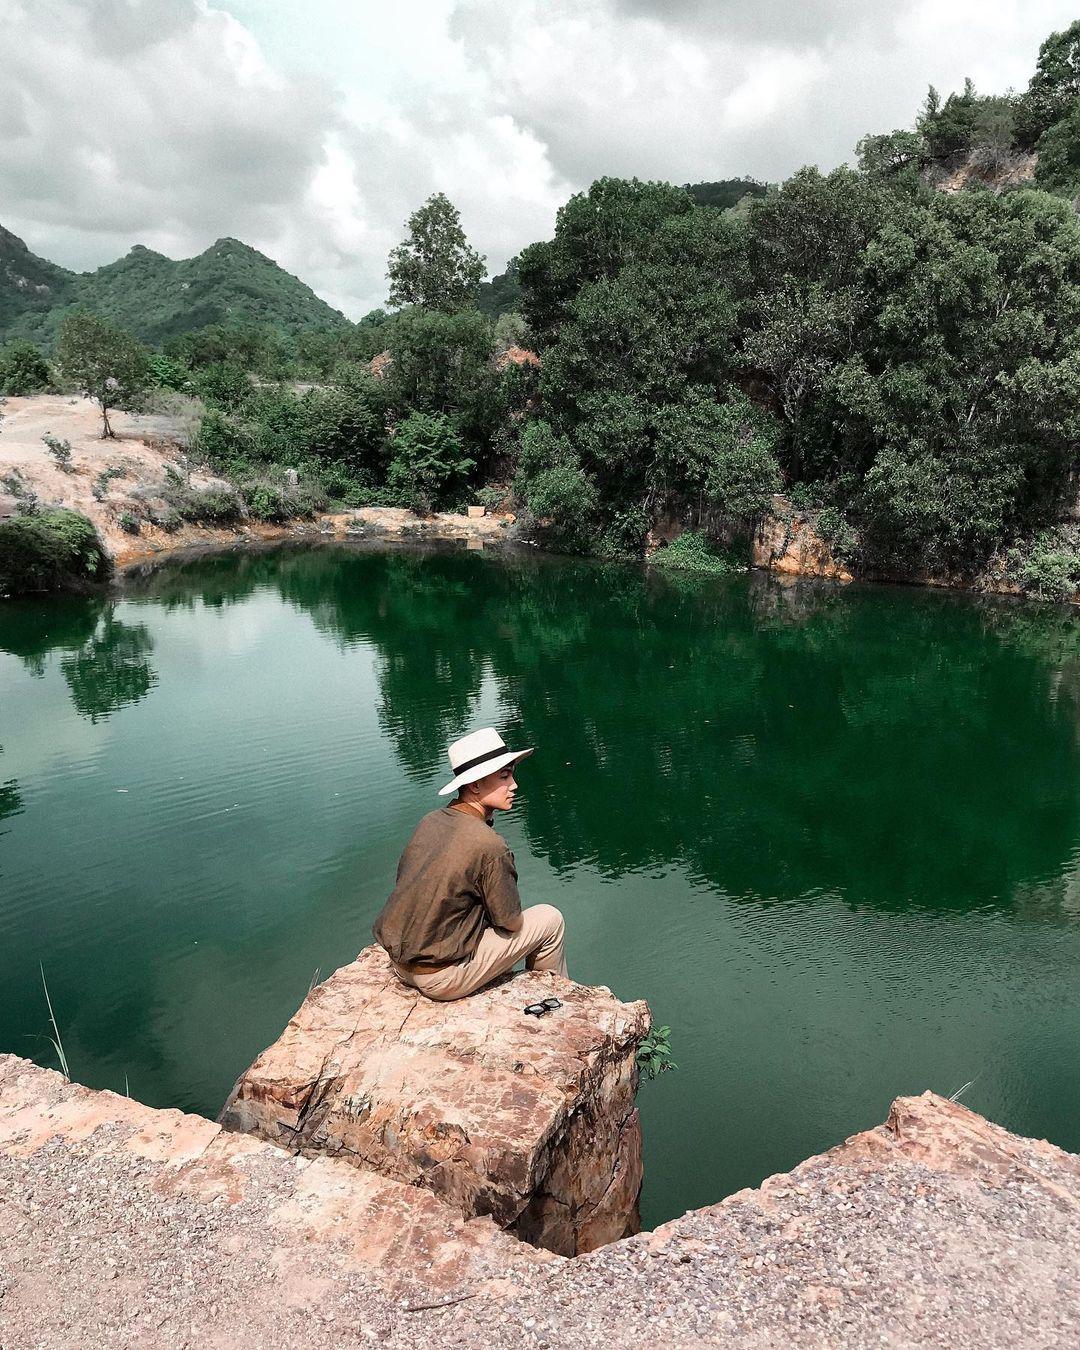 Màu nước hồ xanh màu ngọc bích